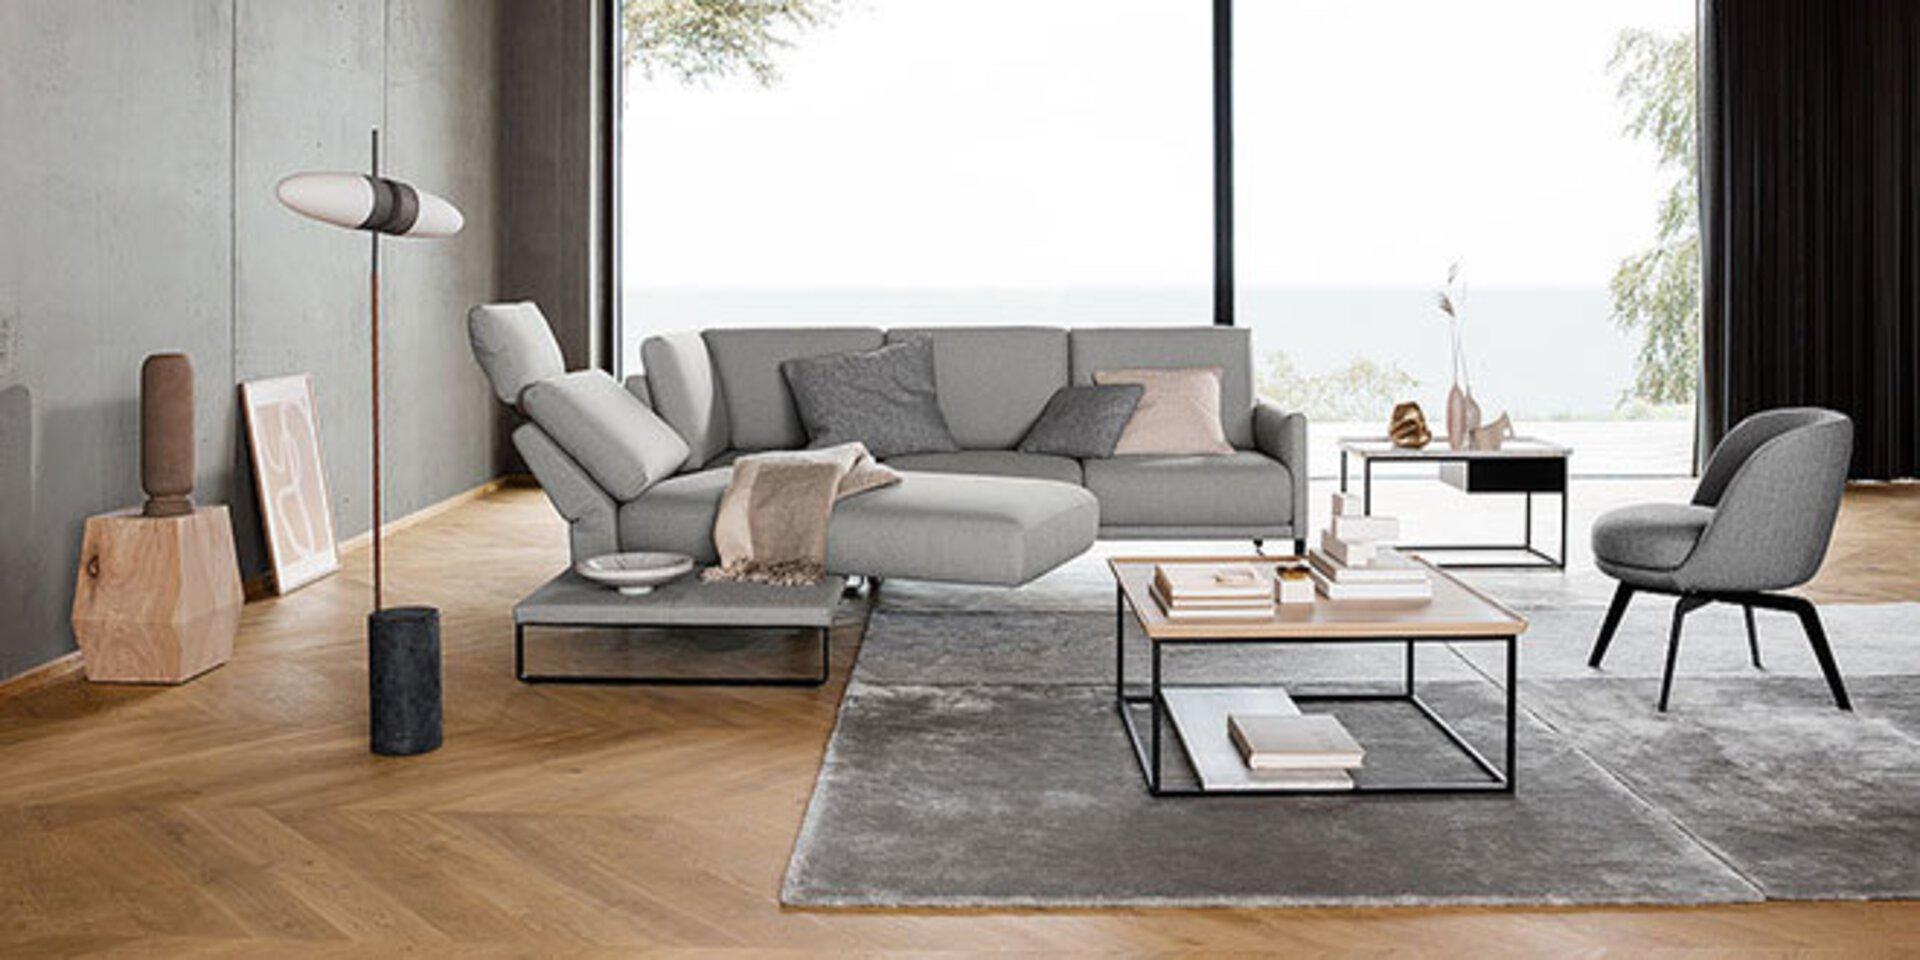 Titelbild der Luxusmarke Rolf Benz. Alle Designmöbel dieser Marke sind bei Möbel Inhofer ausgestellt.